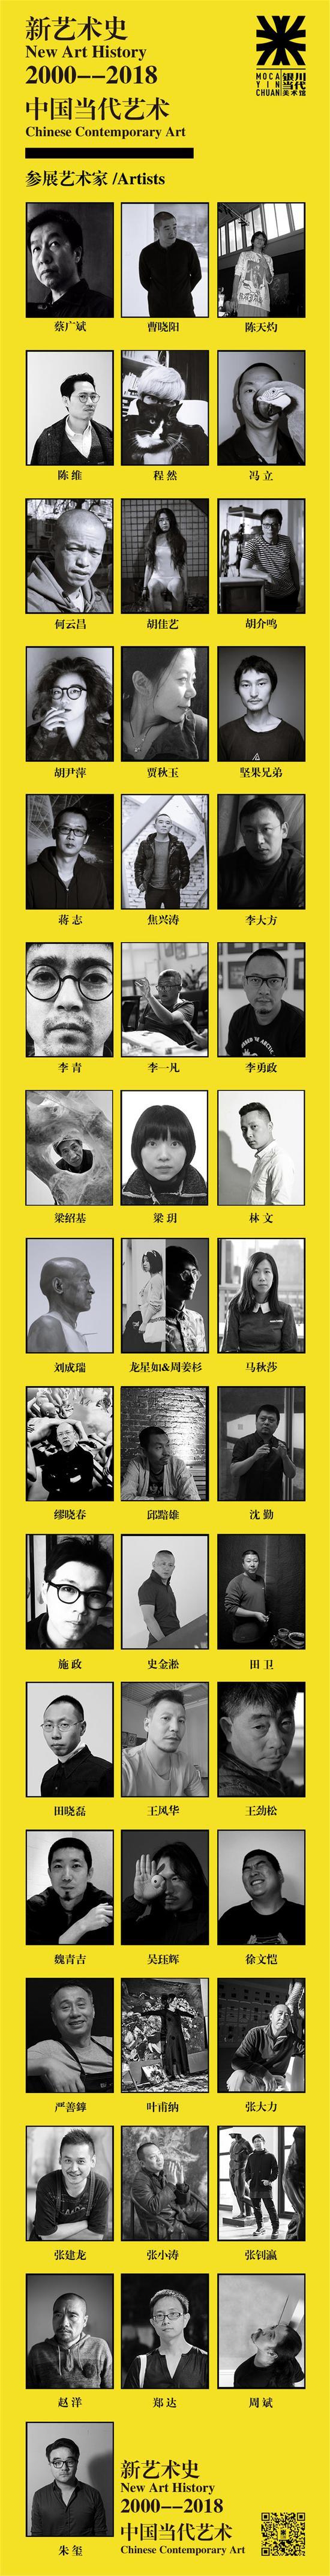 """2000-2018中国当代艺术""""开年大展你在关注吗"""